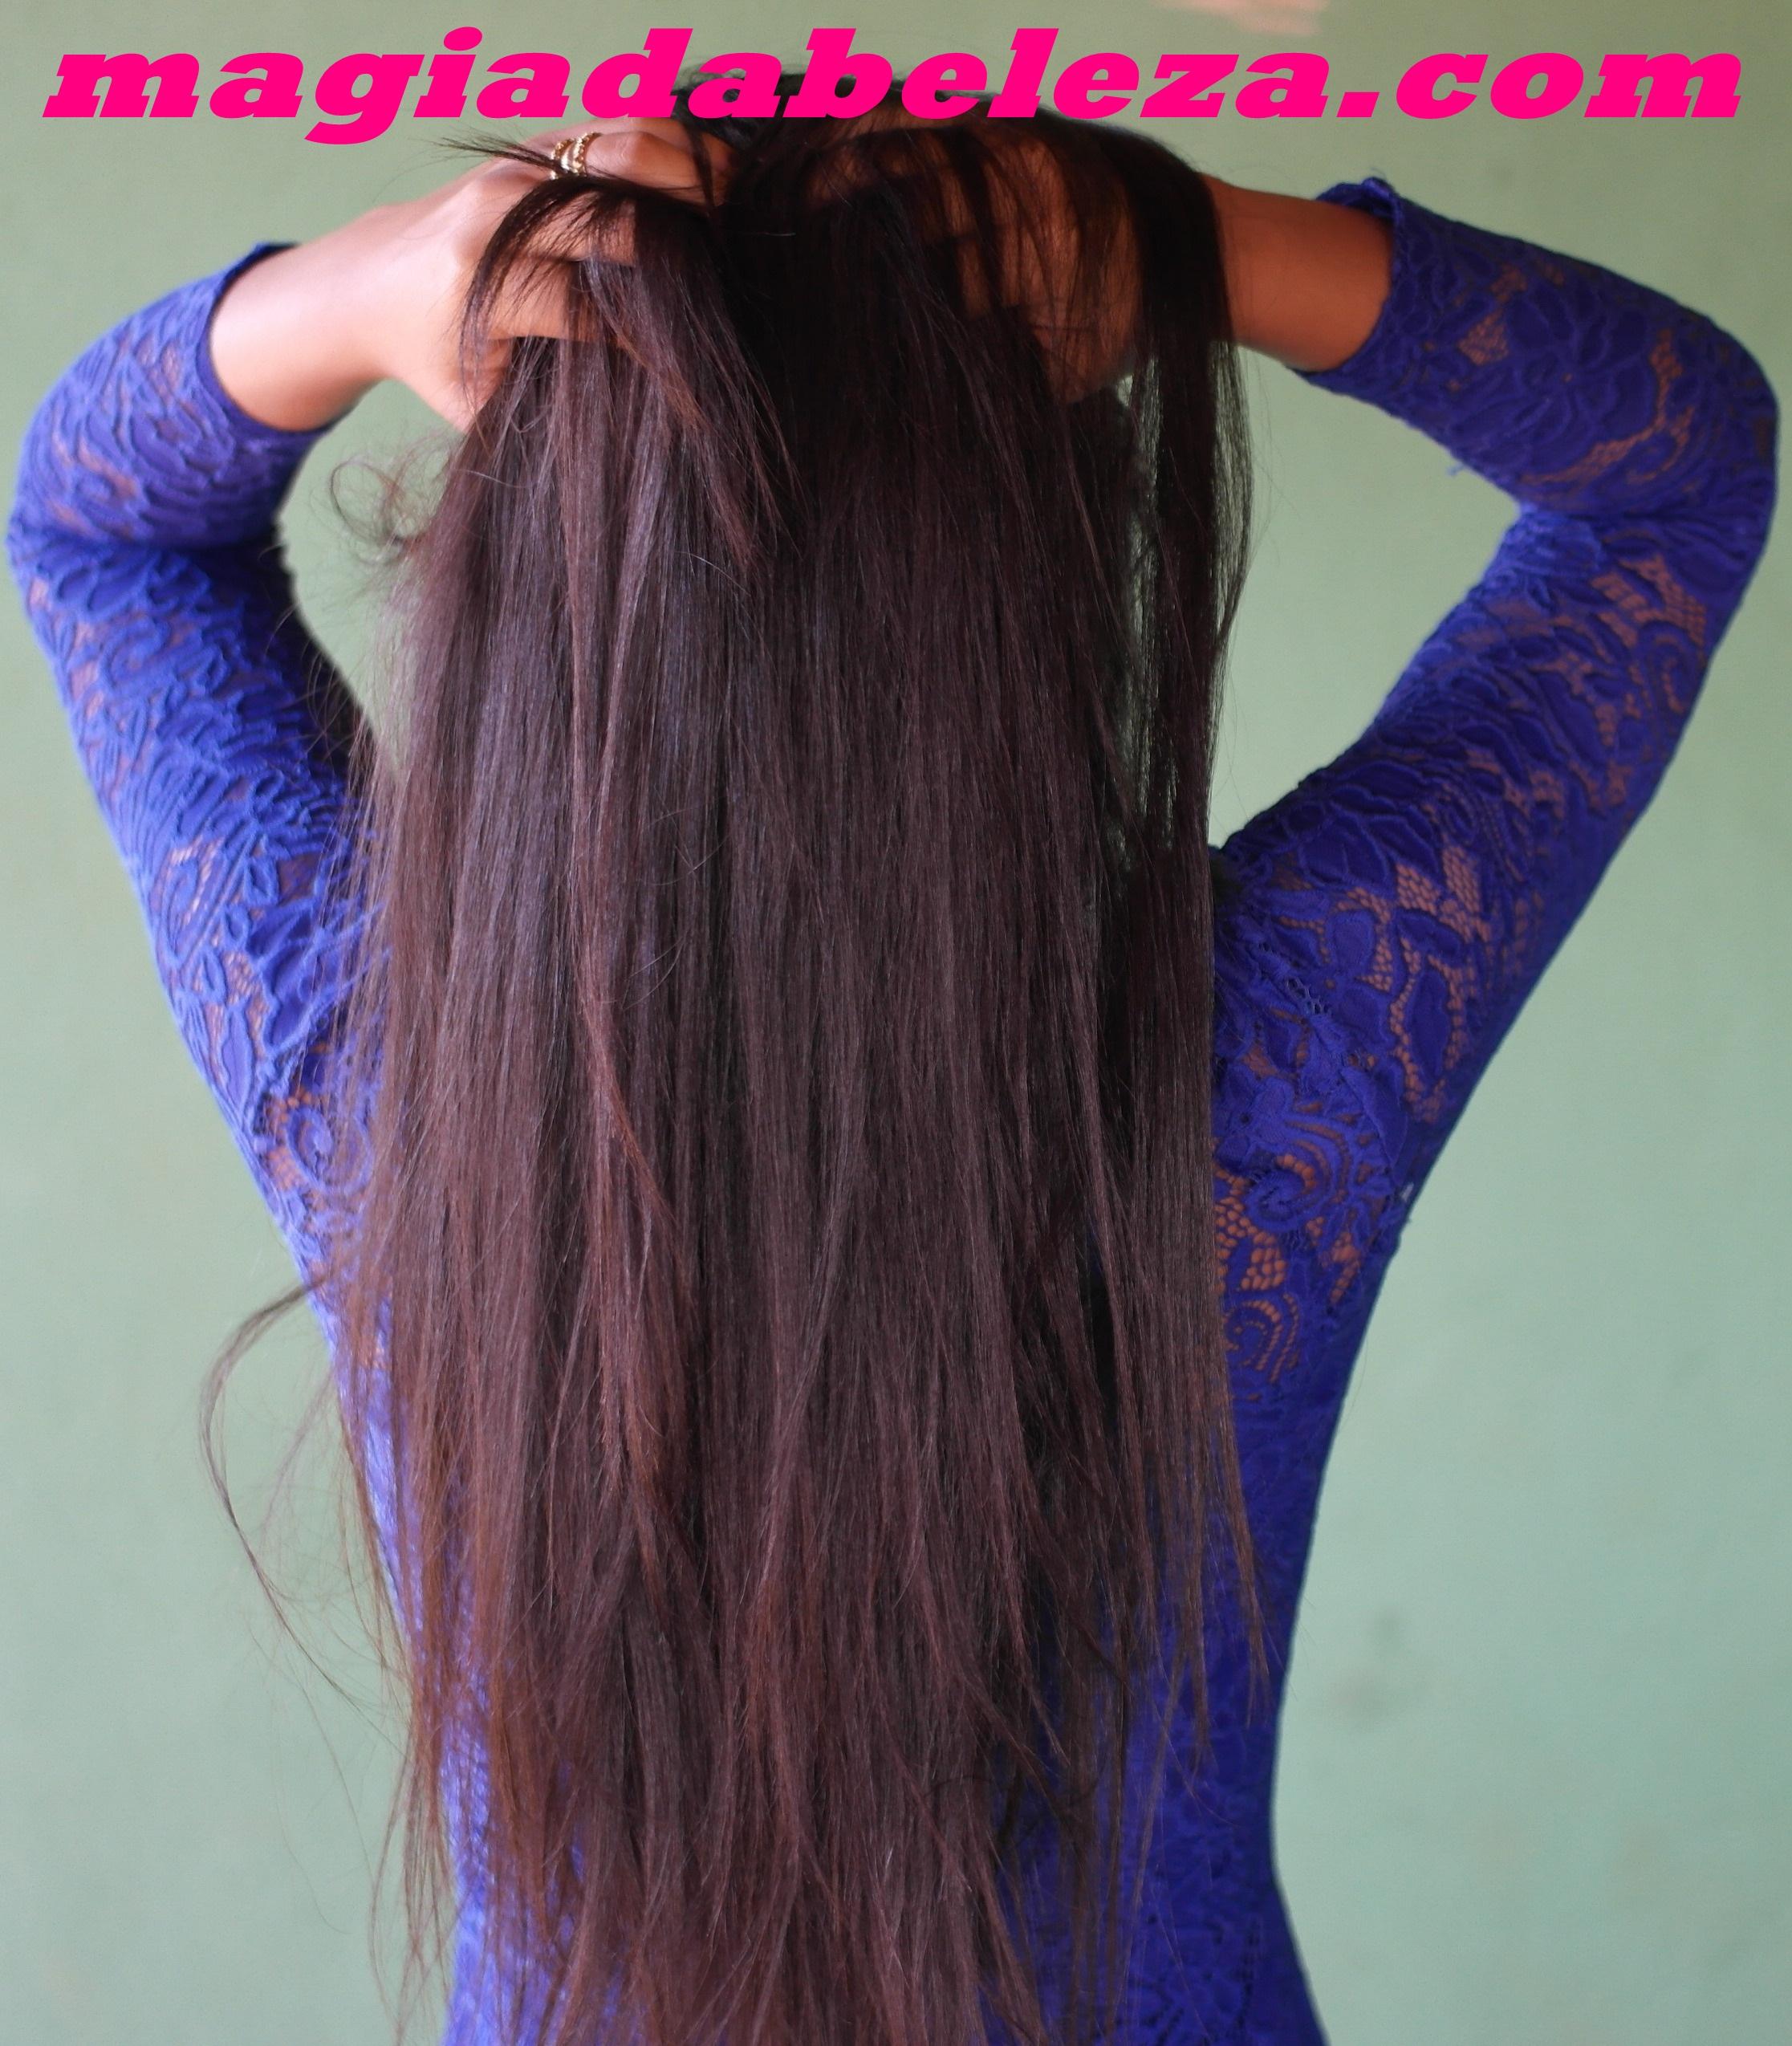 creme de leite no cabelo